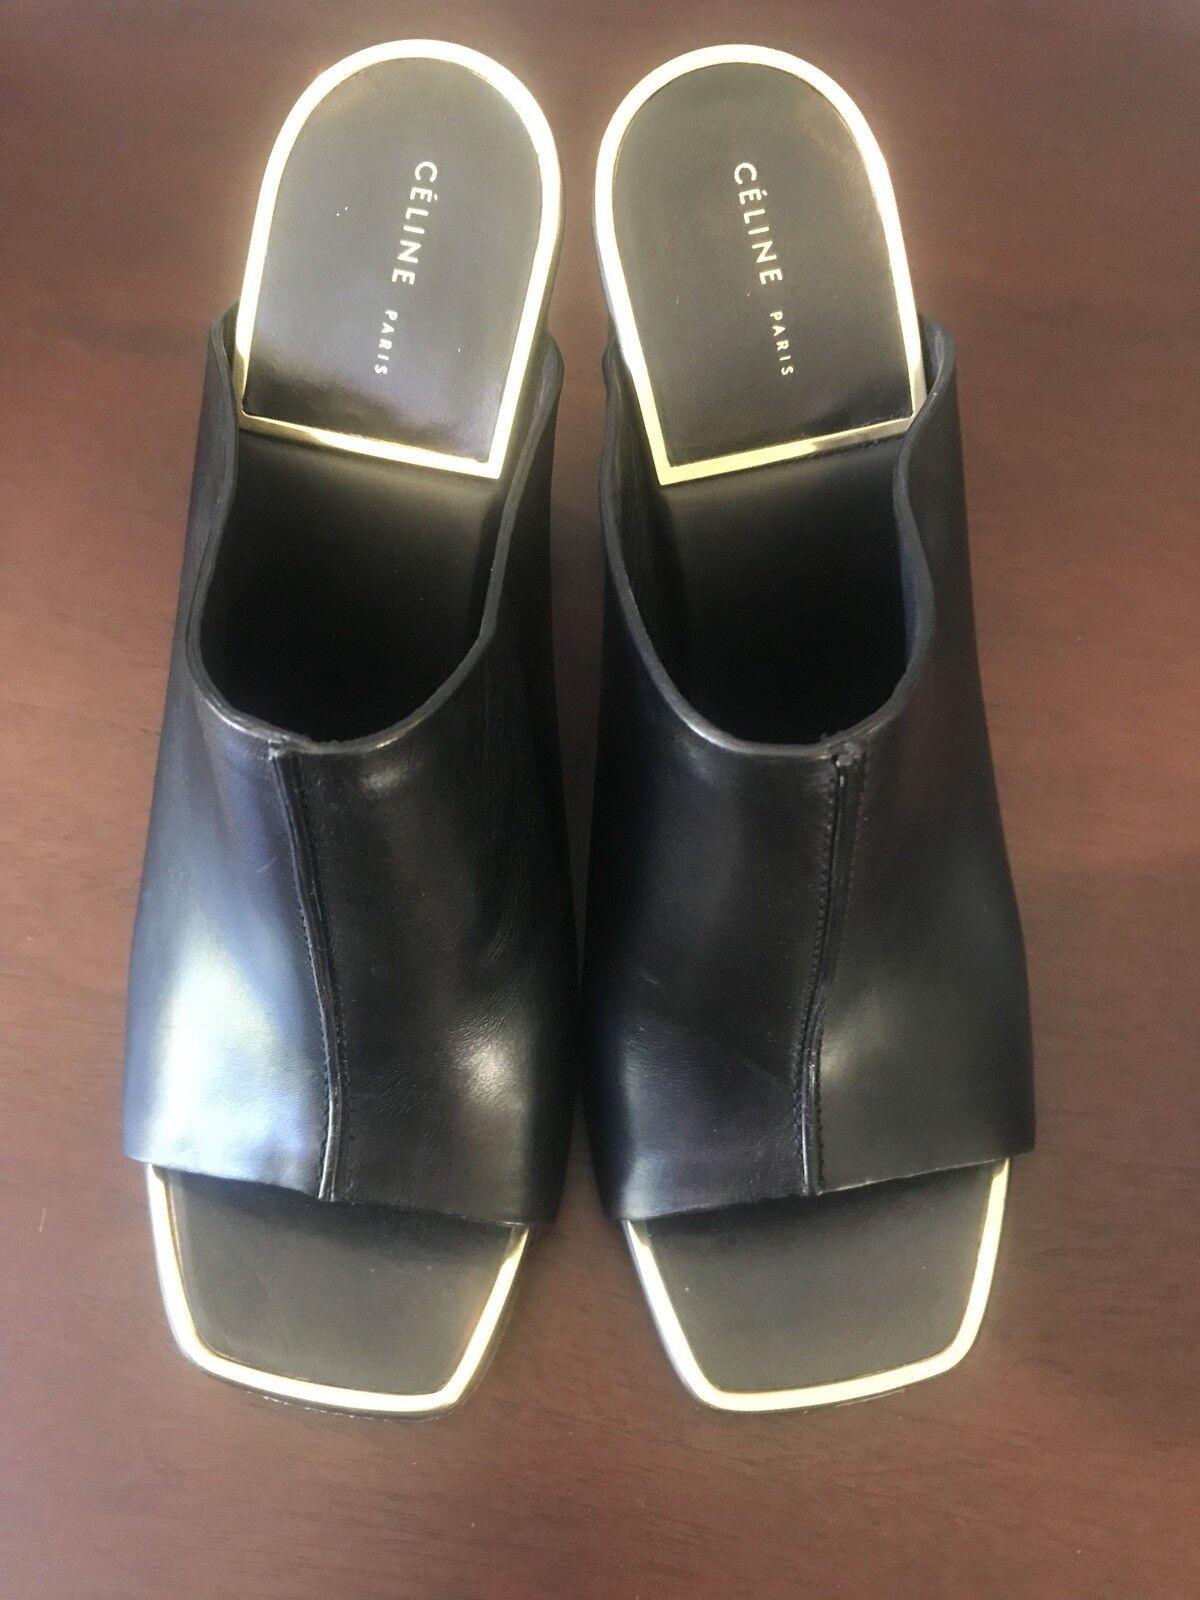 Celine Celine Celine mula cuero negro con adorno de oro-tamaño 37 7  contador genuino